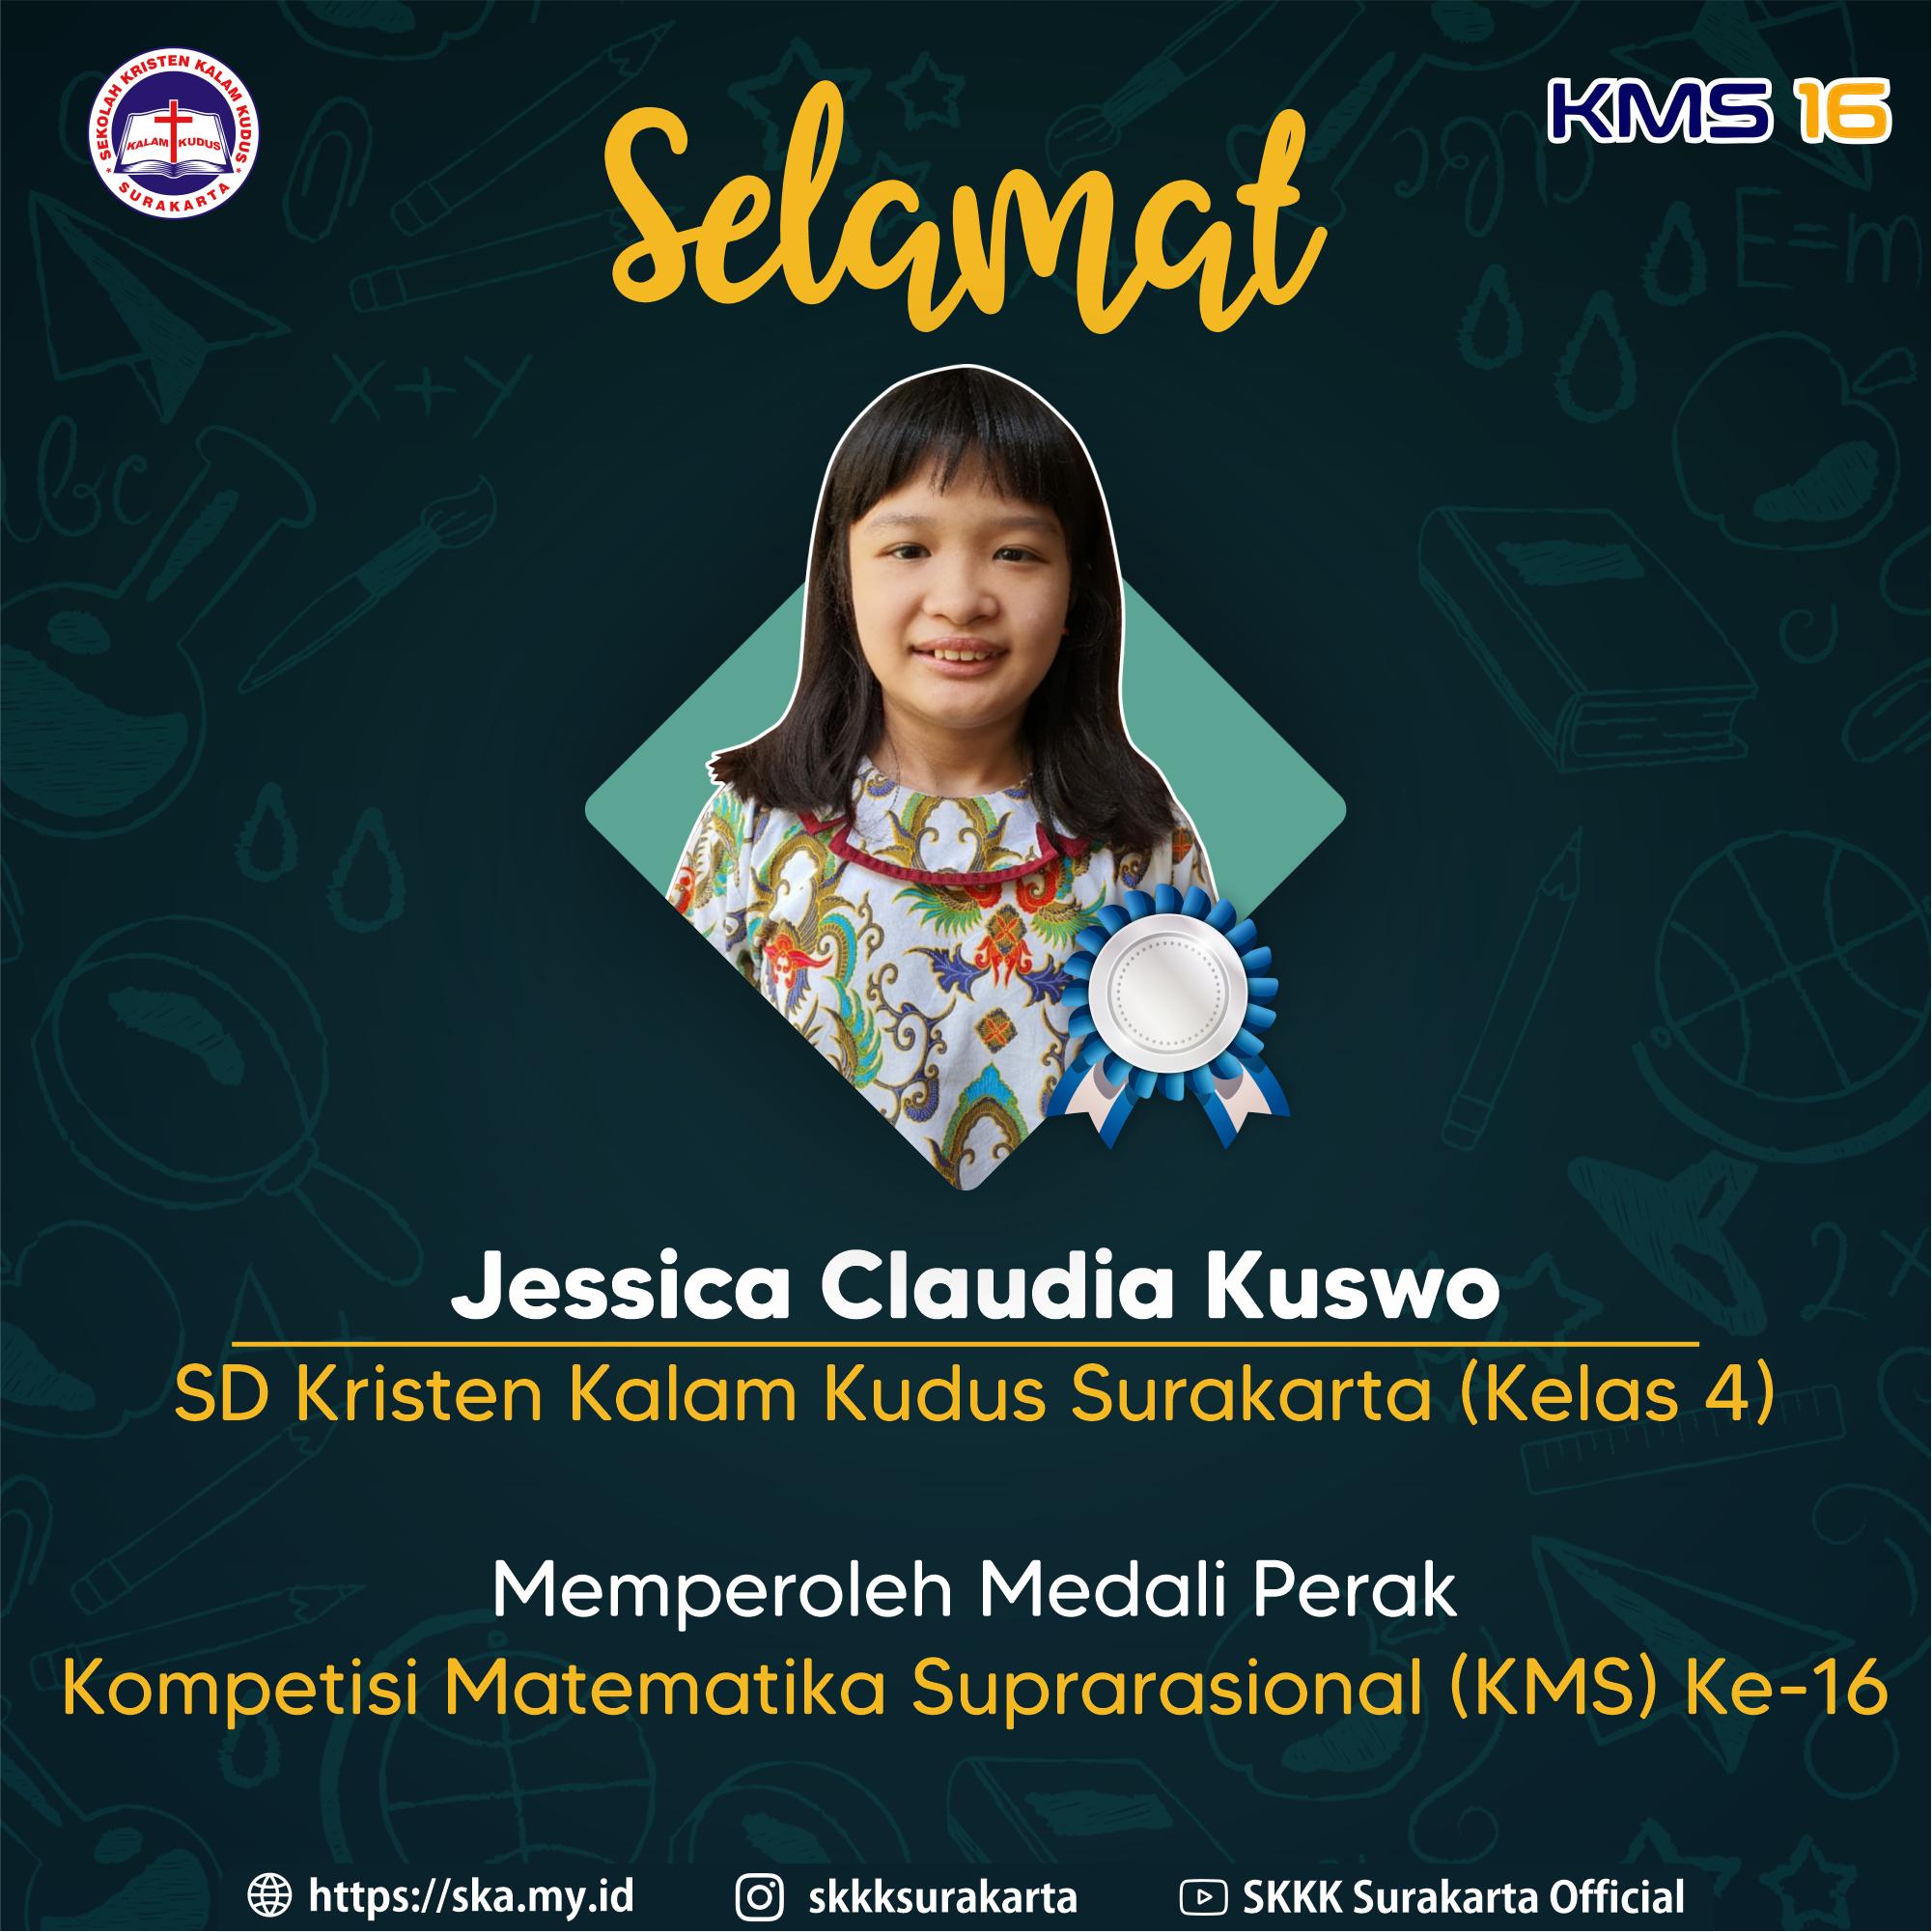 Jessica Claudia Kuswo Raih Medali Perak KMS 16